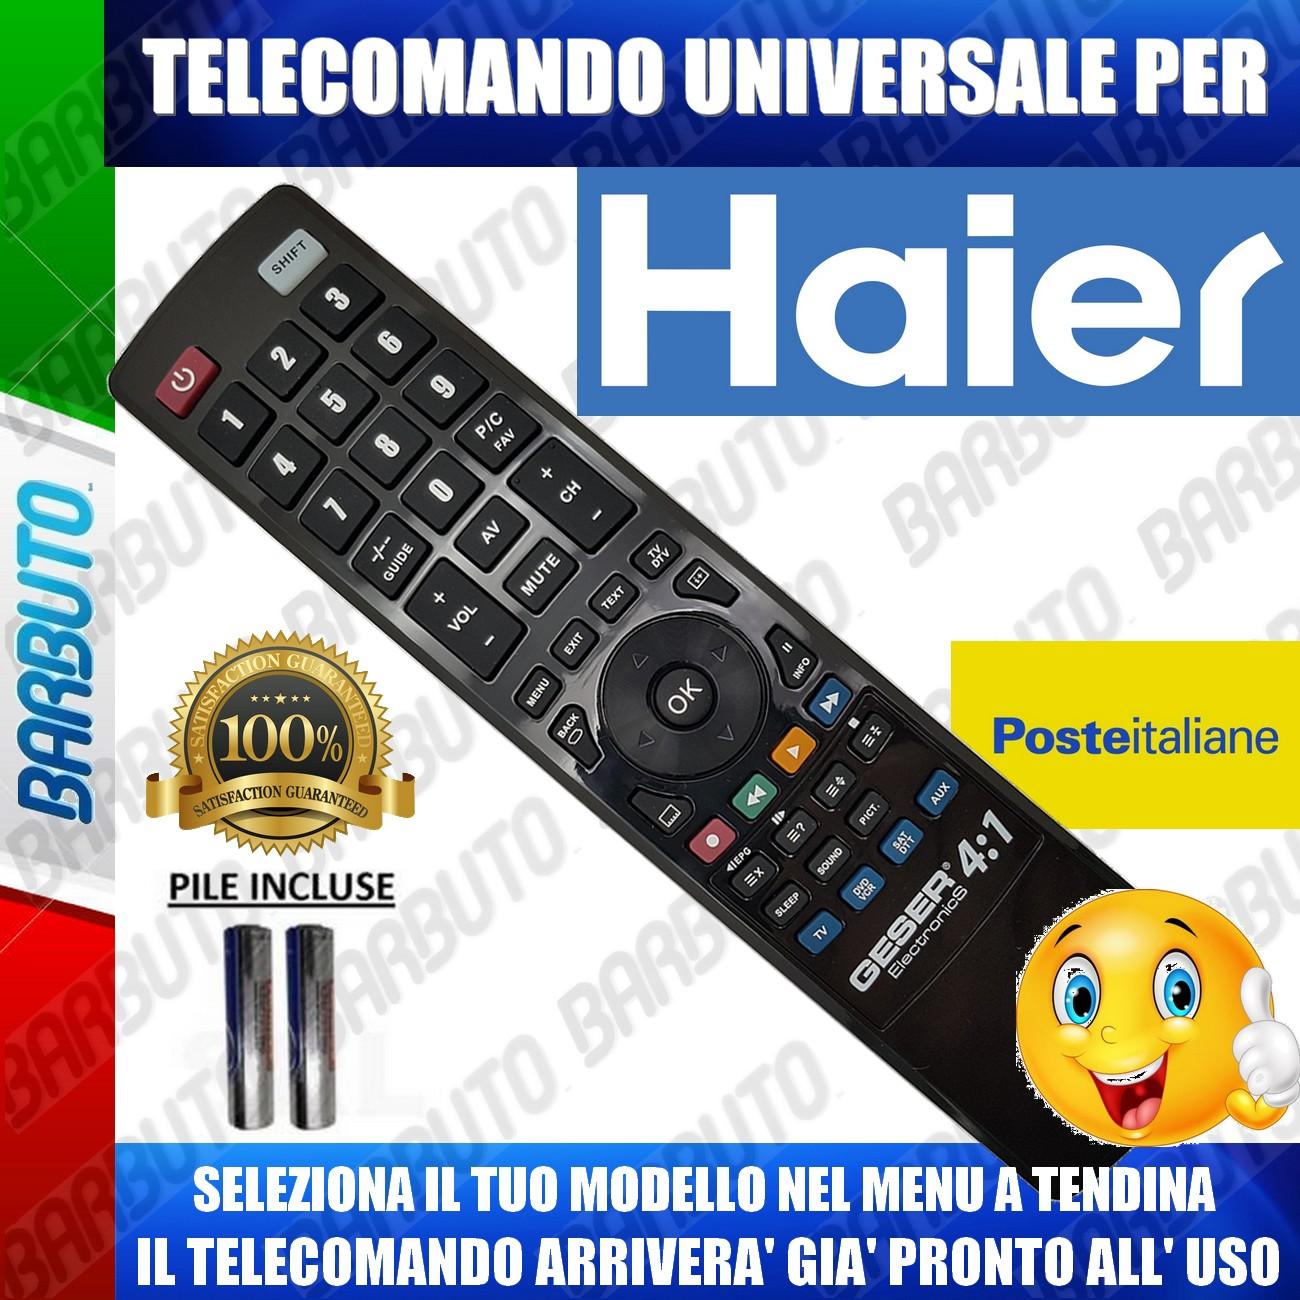 TELECOMANDO UNIVERSALE *HAIER* CLICCA SUL TUO MODELLO LO RICEVERAI GIA PRONTO